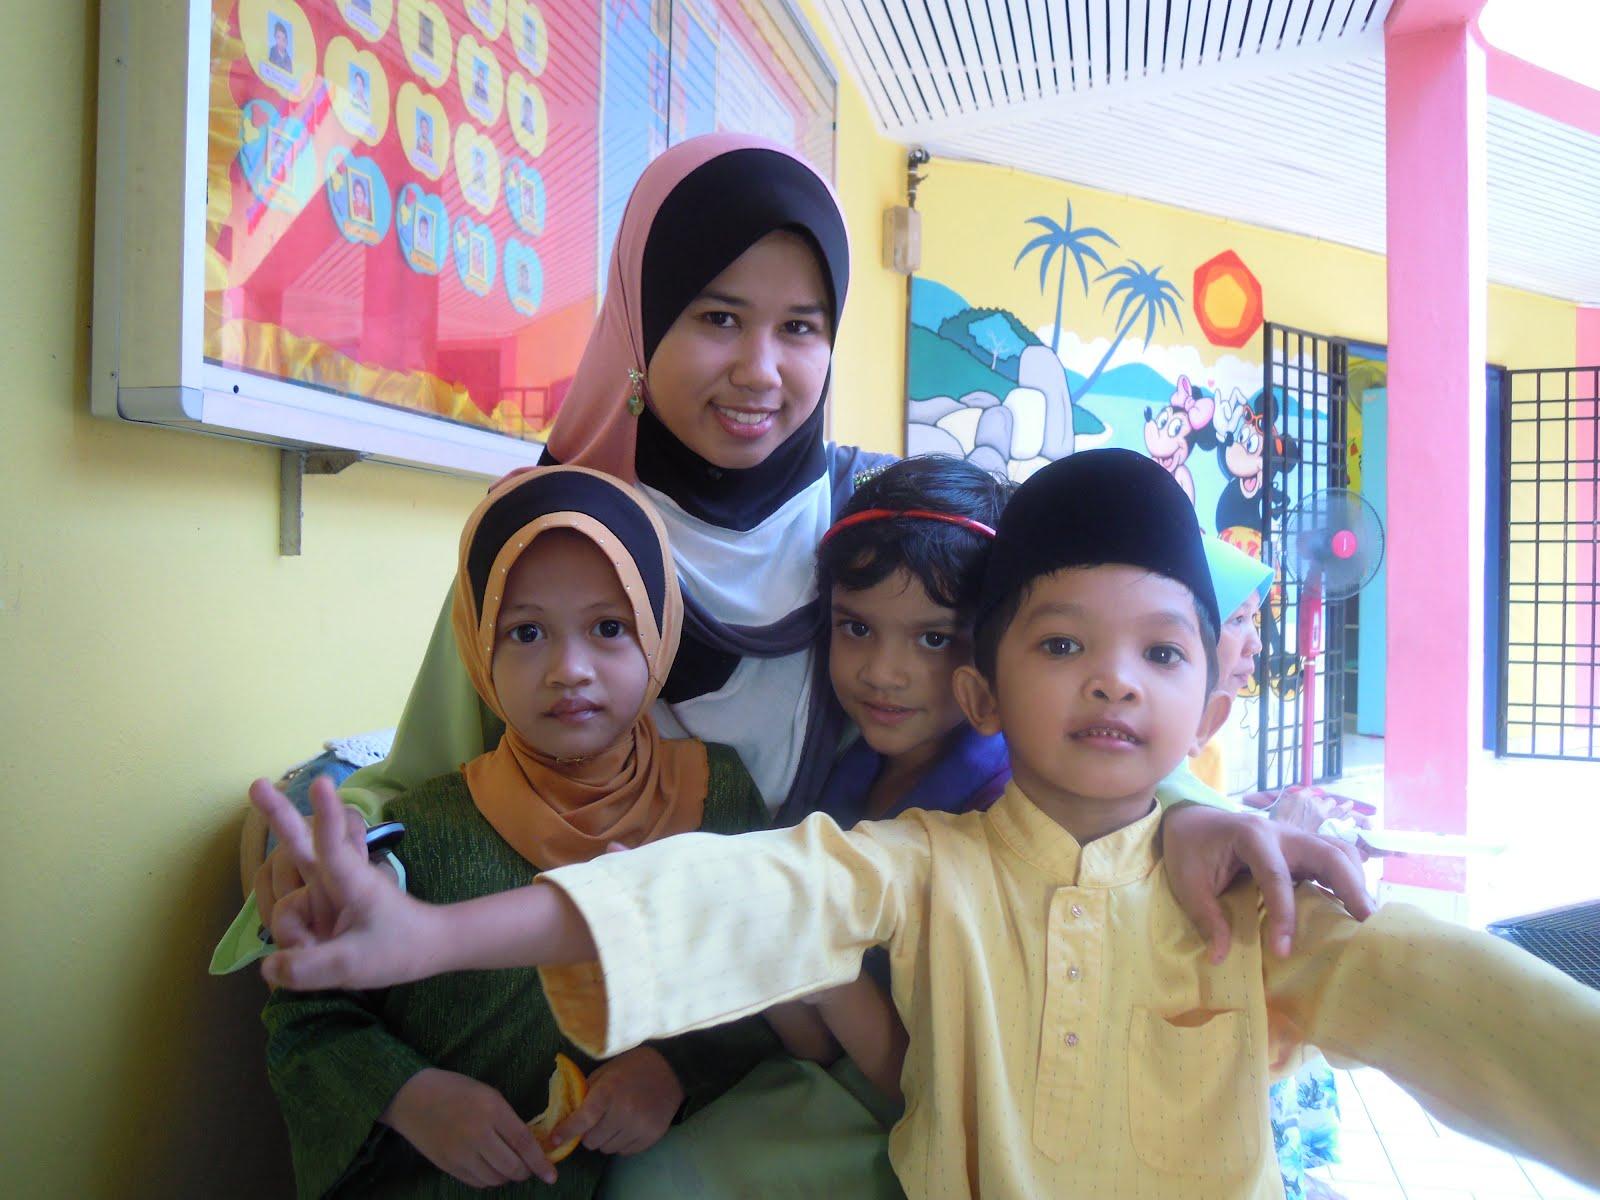 Siti Khuzaimah Zainul Abiddin